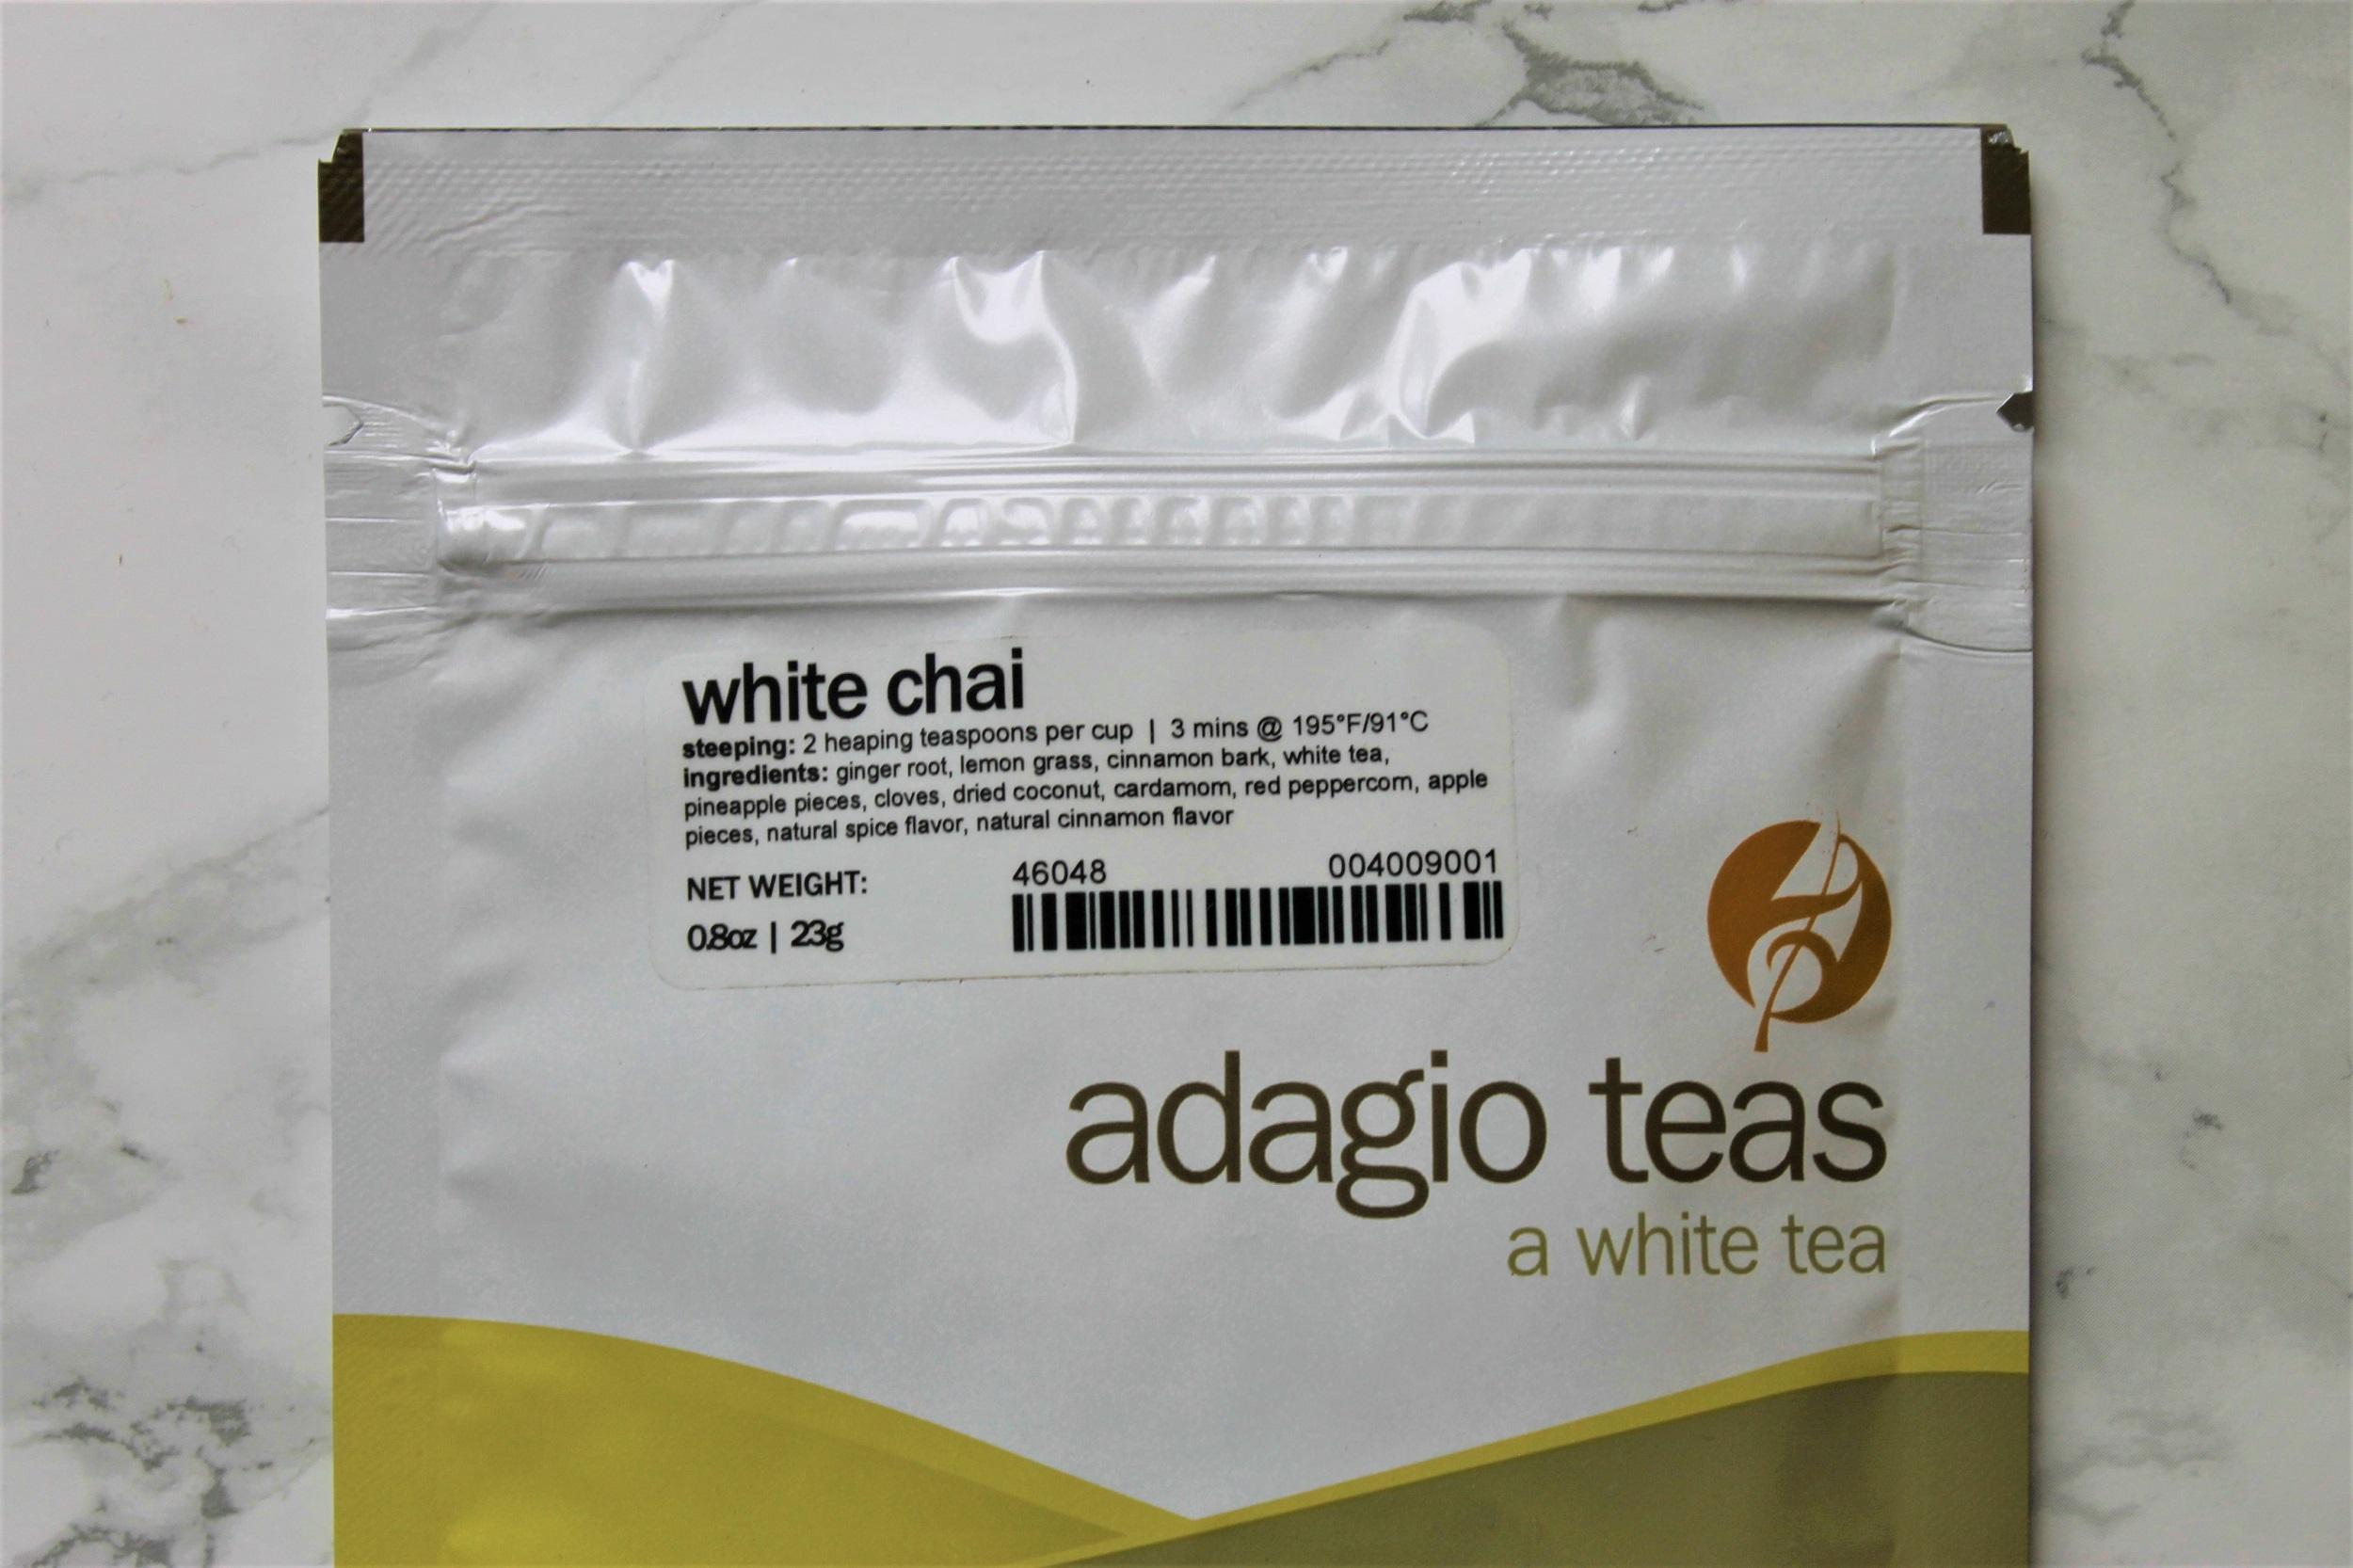 adagio teas white chai blend